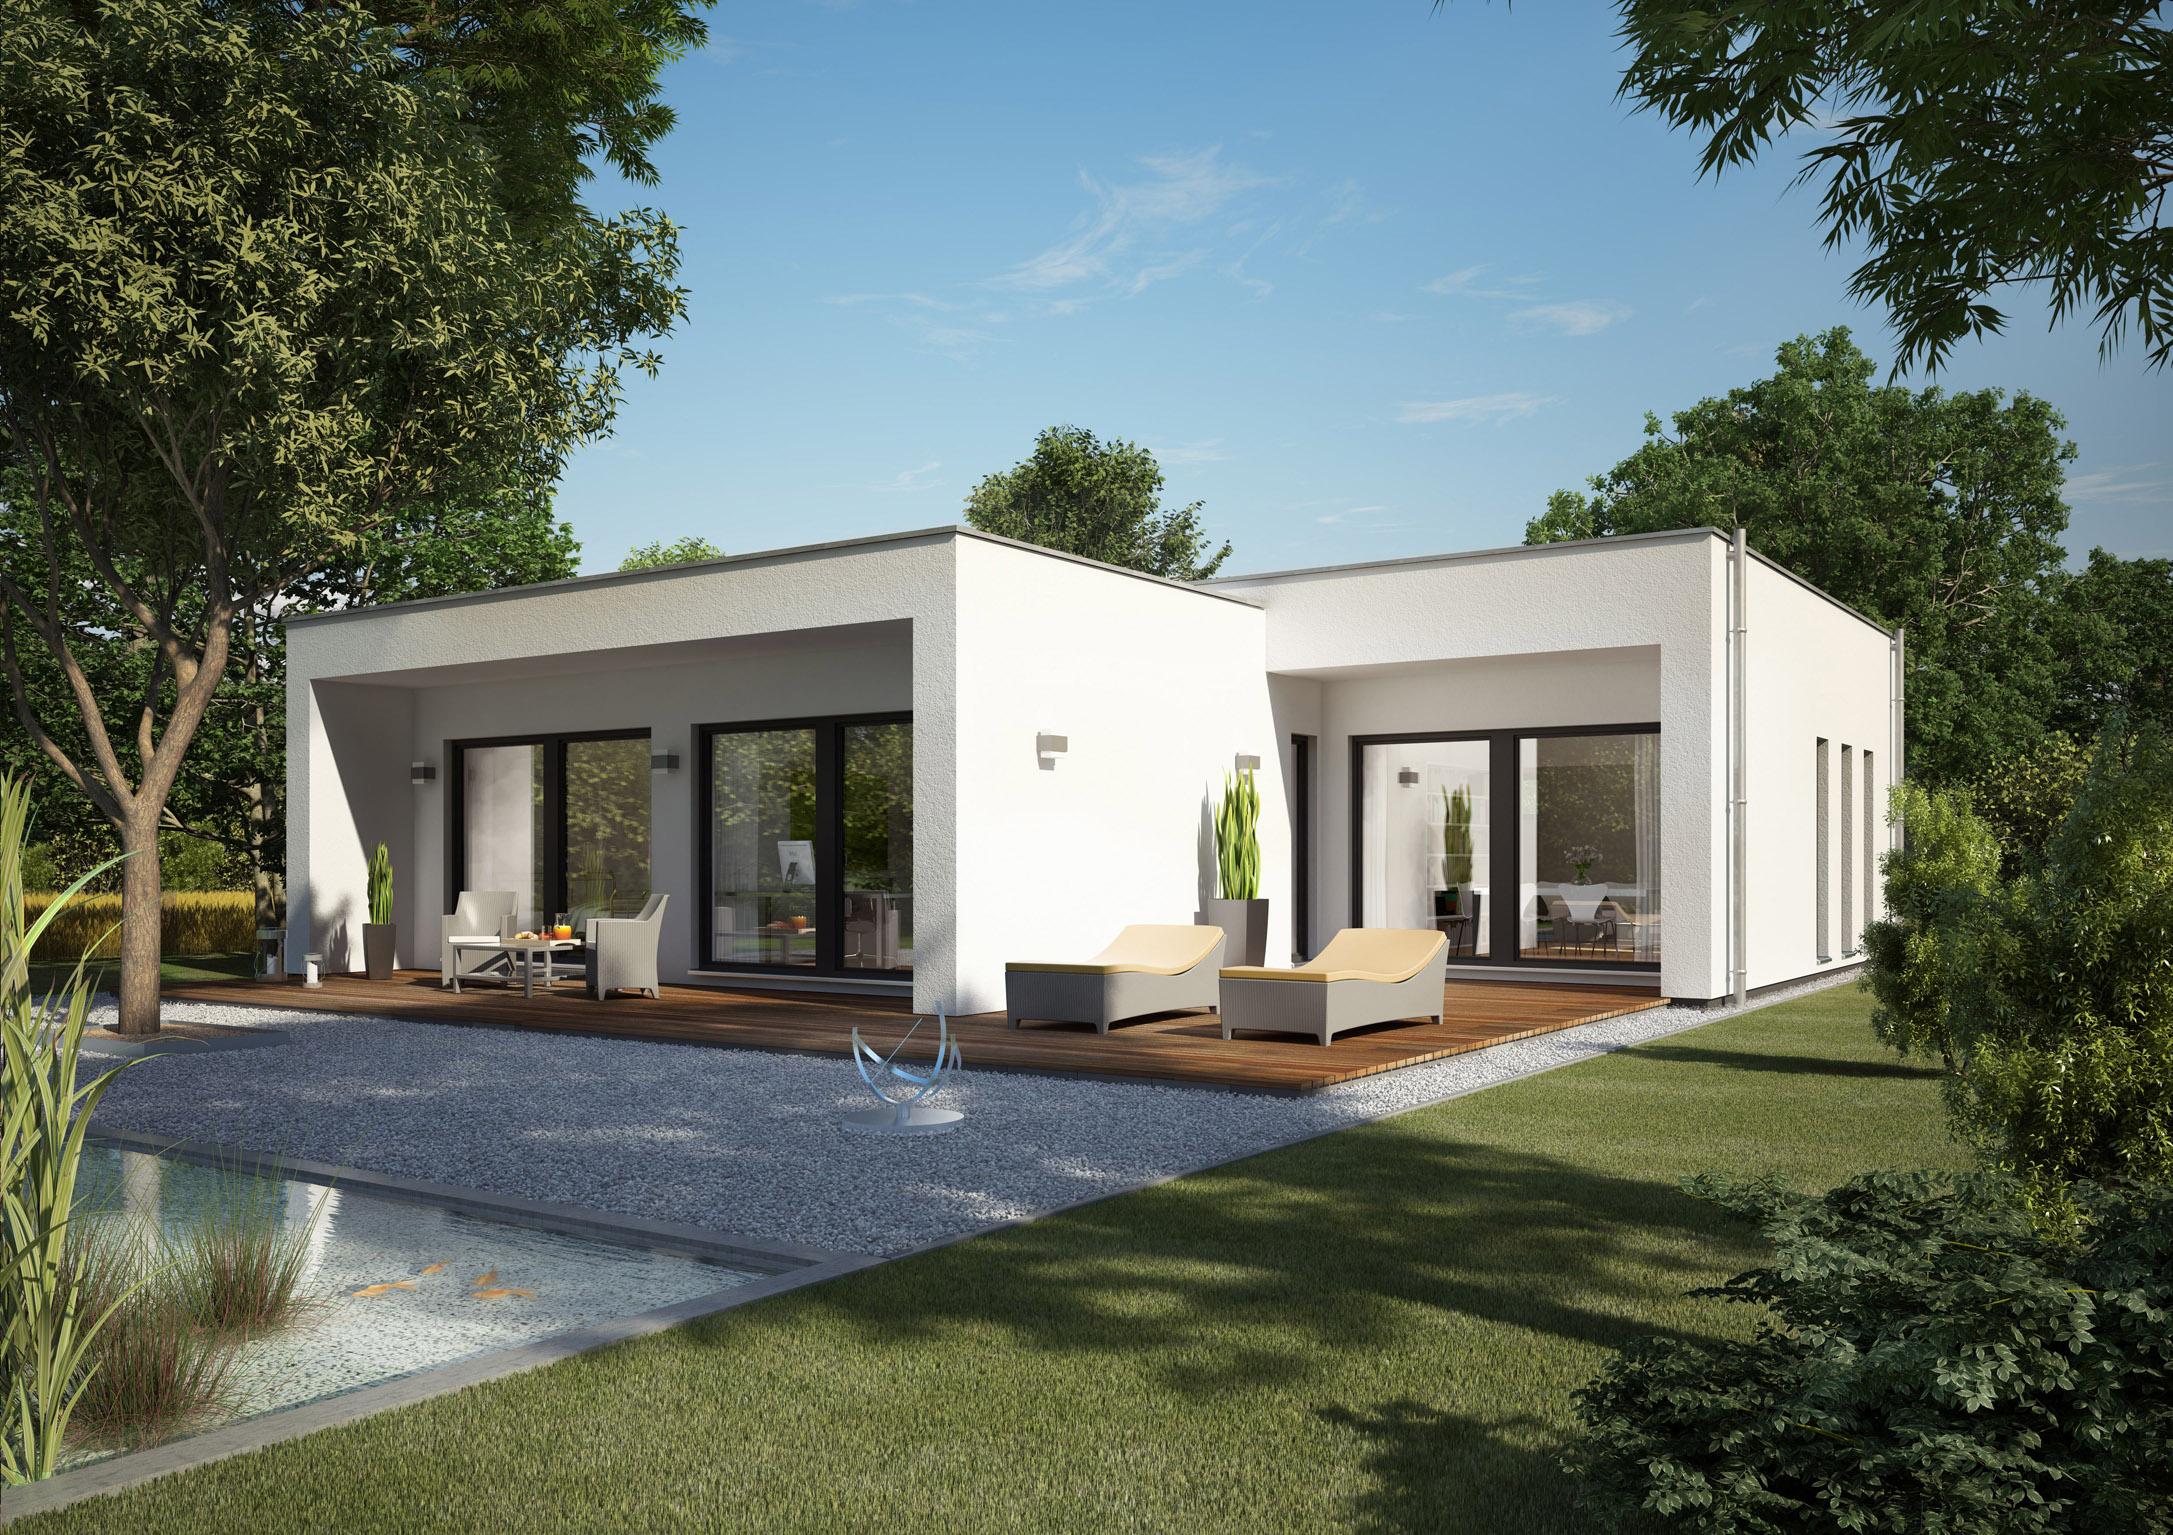 Wohn designtrend bungalow aus holz und glas von zech architektur 01